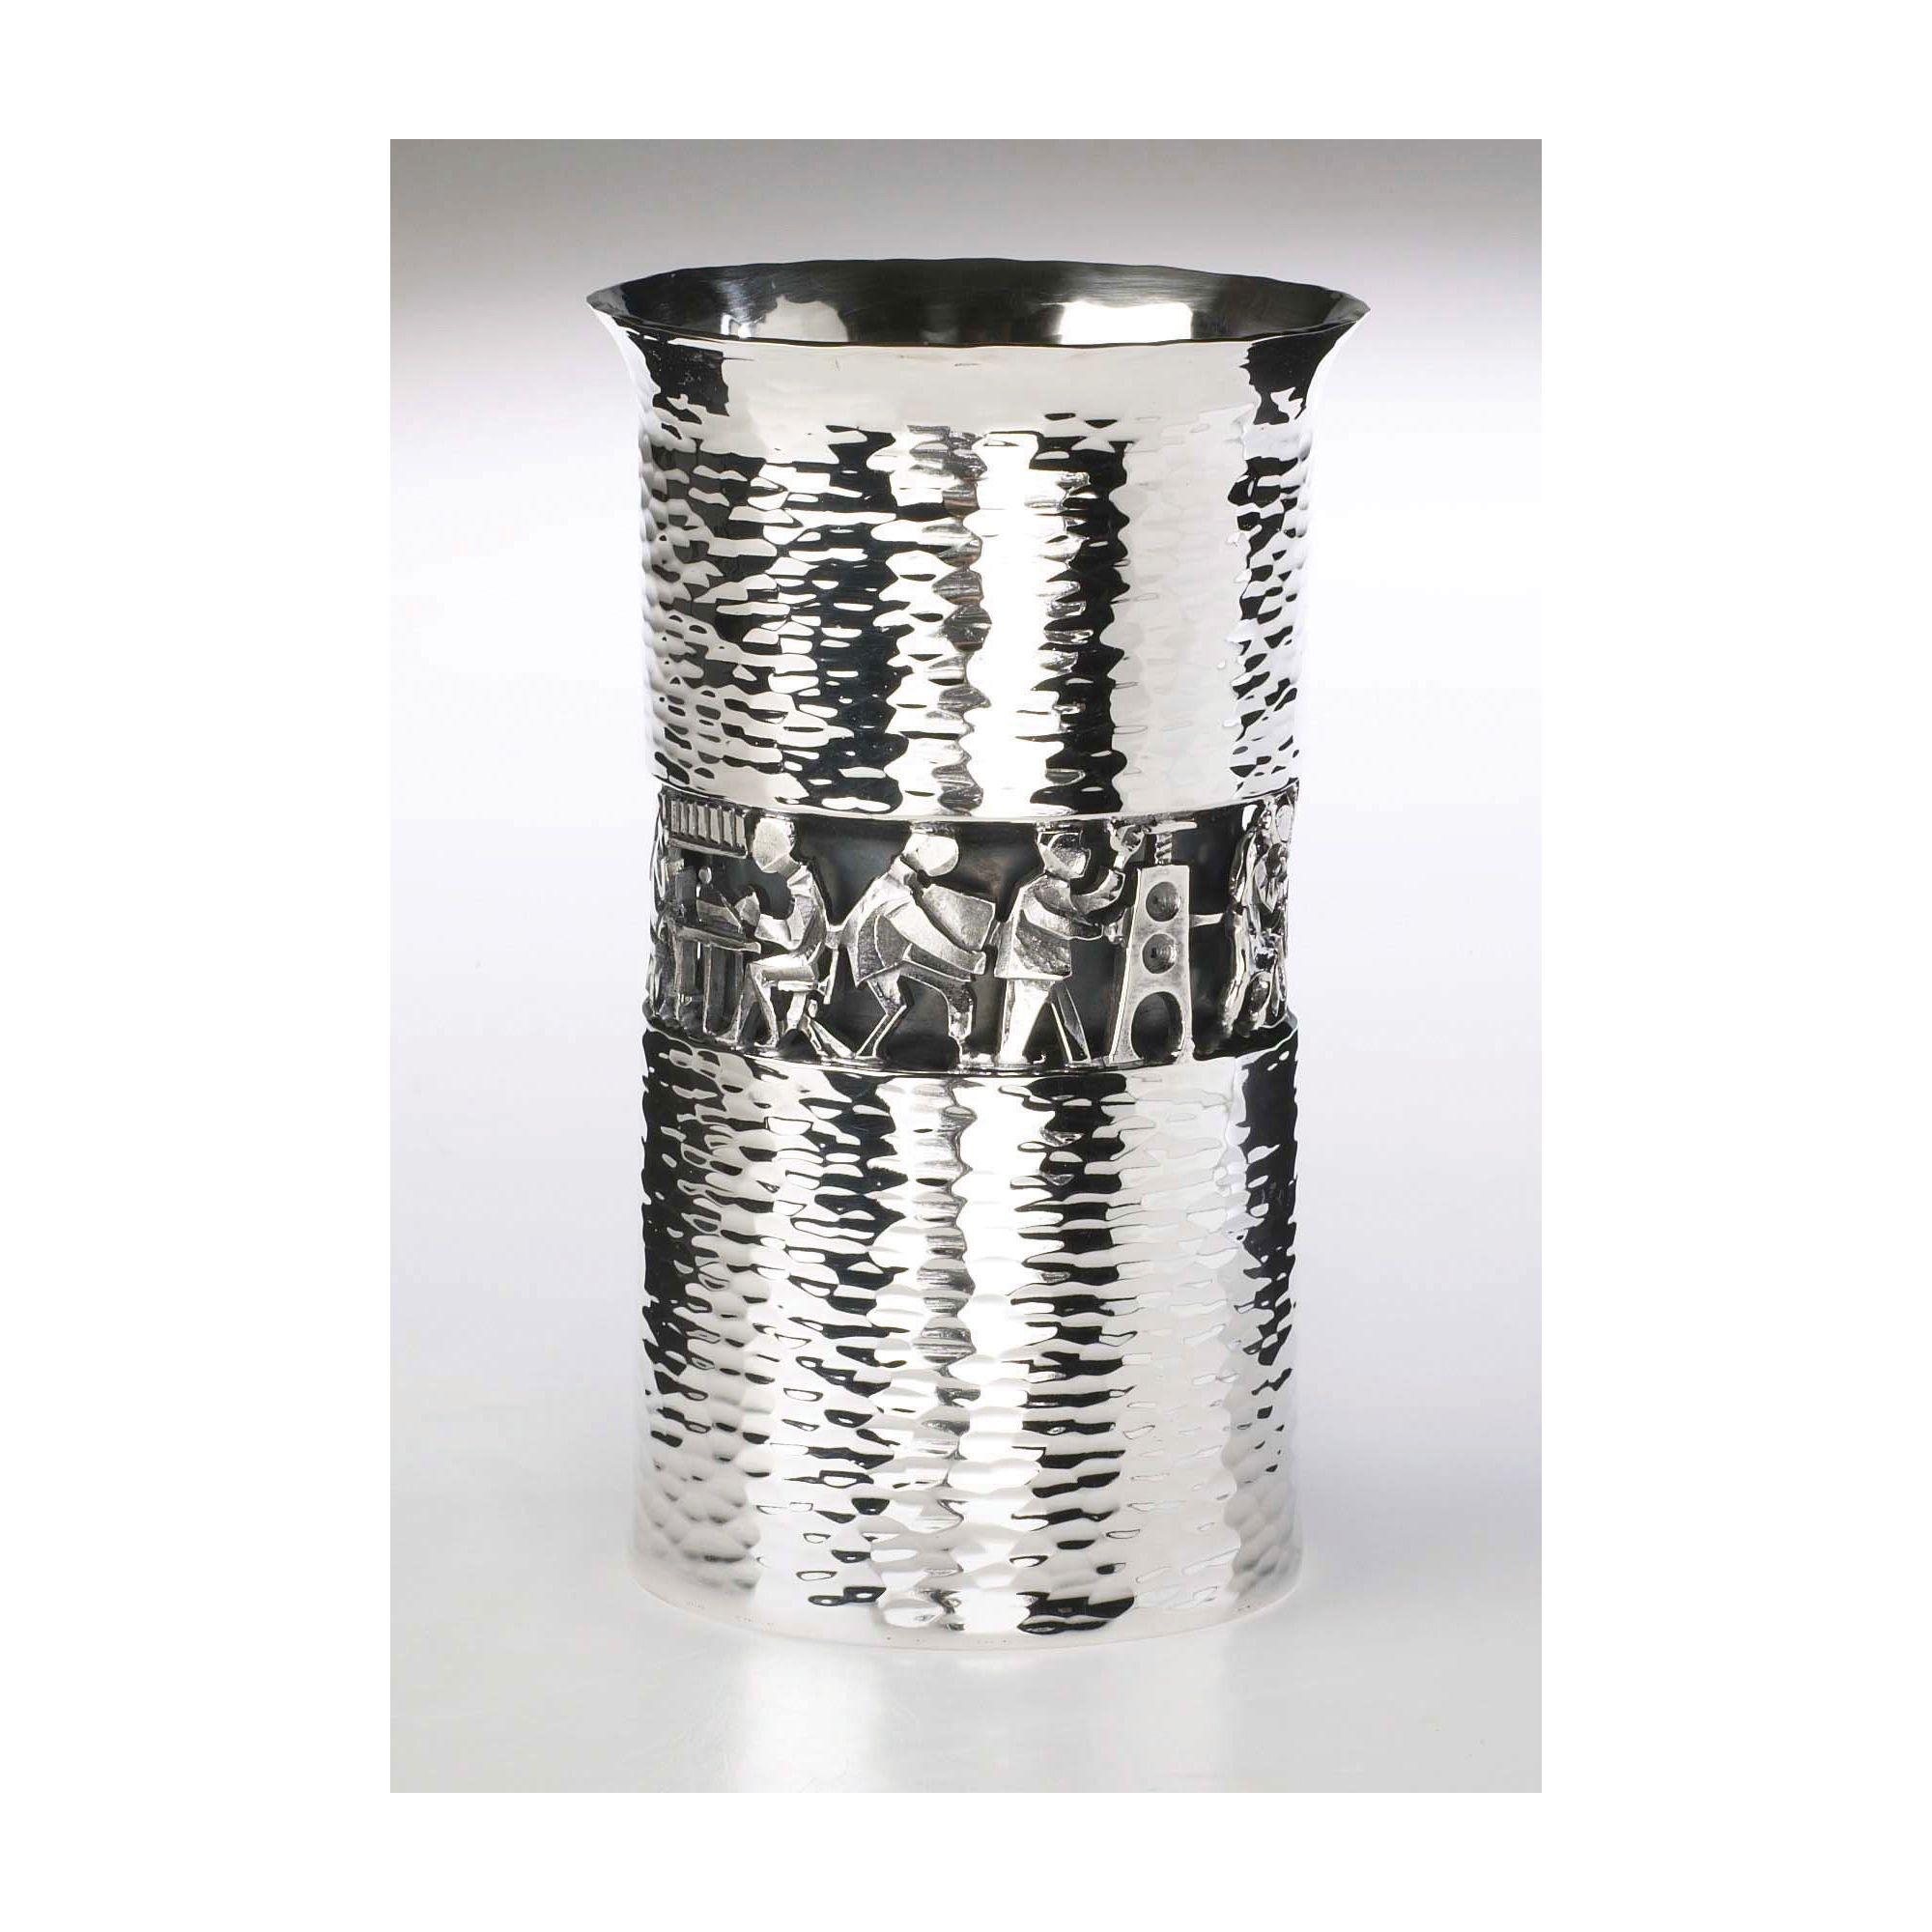 Mema/GAB Bransch 80 mm Hammered Cup at Tesco Direct